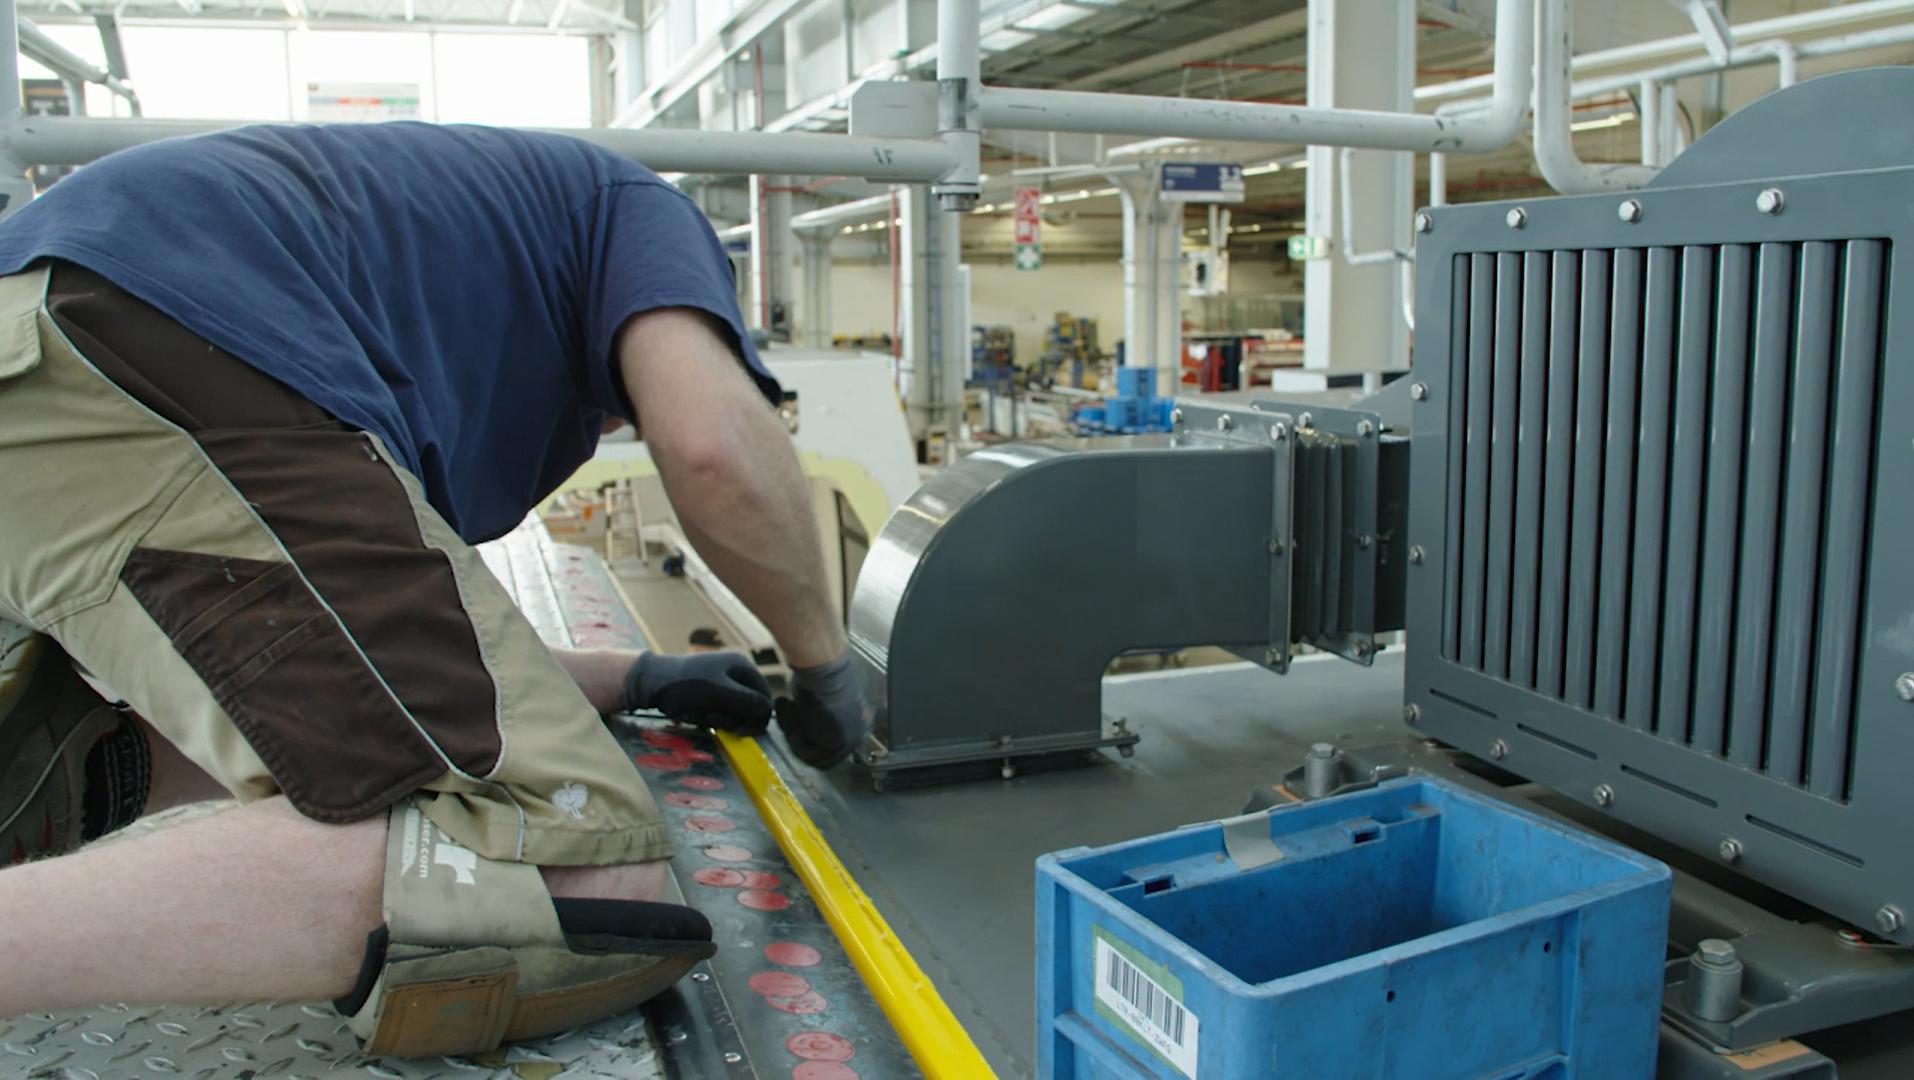 Hệ thống thông hơi in 3D tùy chỉnh được sản xuất bởi Bombardier Transport sử dụng Máy in 3D Stratasys F900.